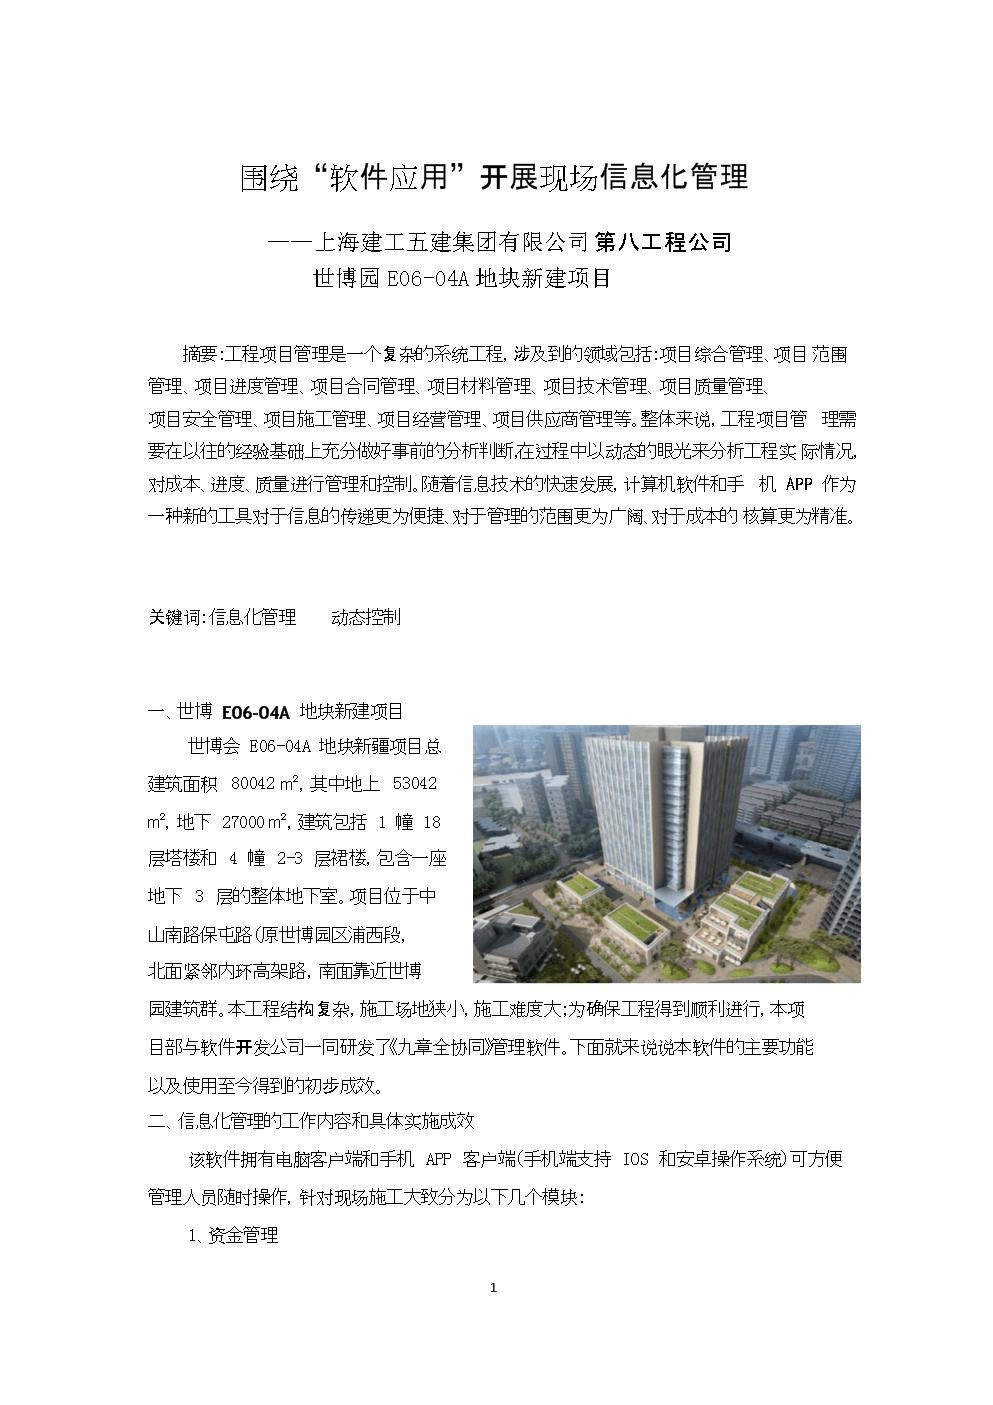 """上海世博园E06-04A地块新建项目——围绕""""软件应用""""开展现场信息化管理  .docx"""